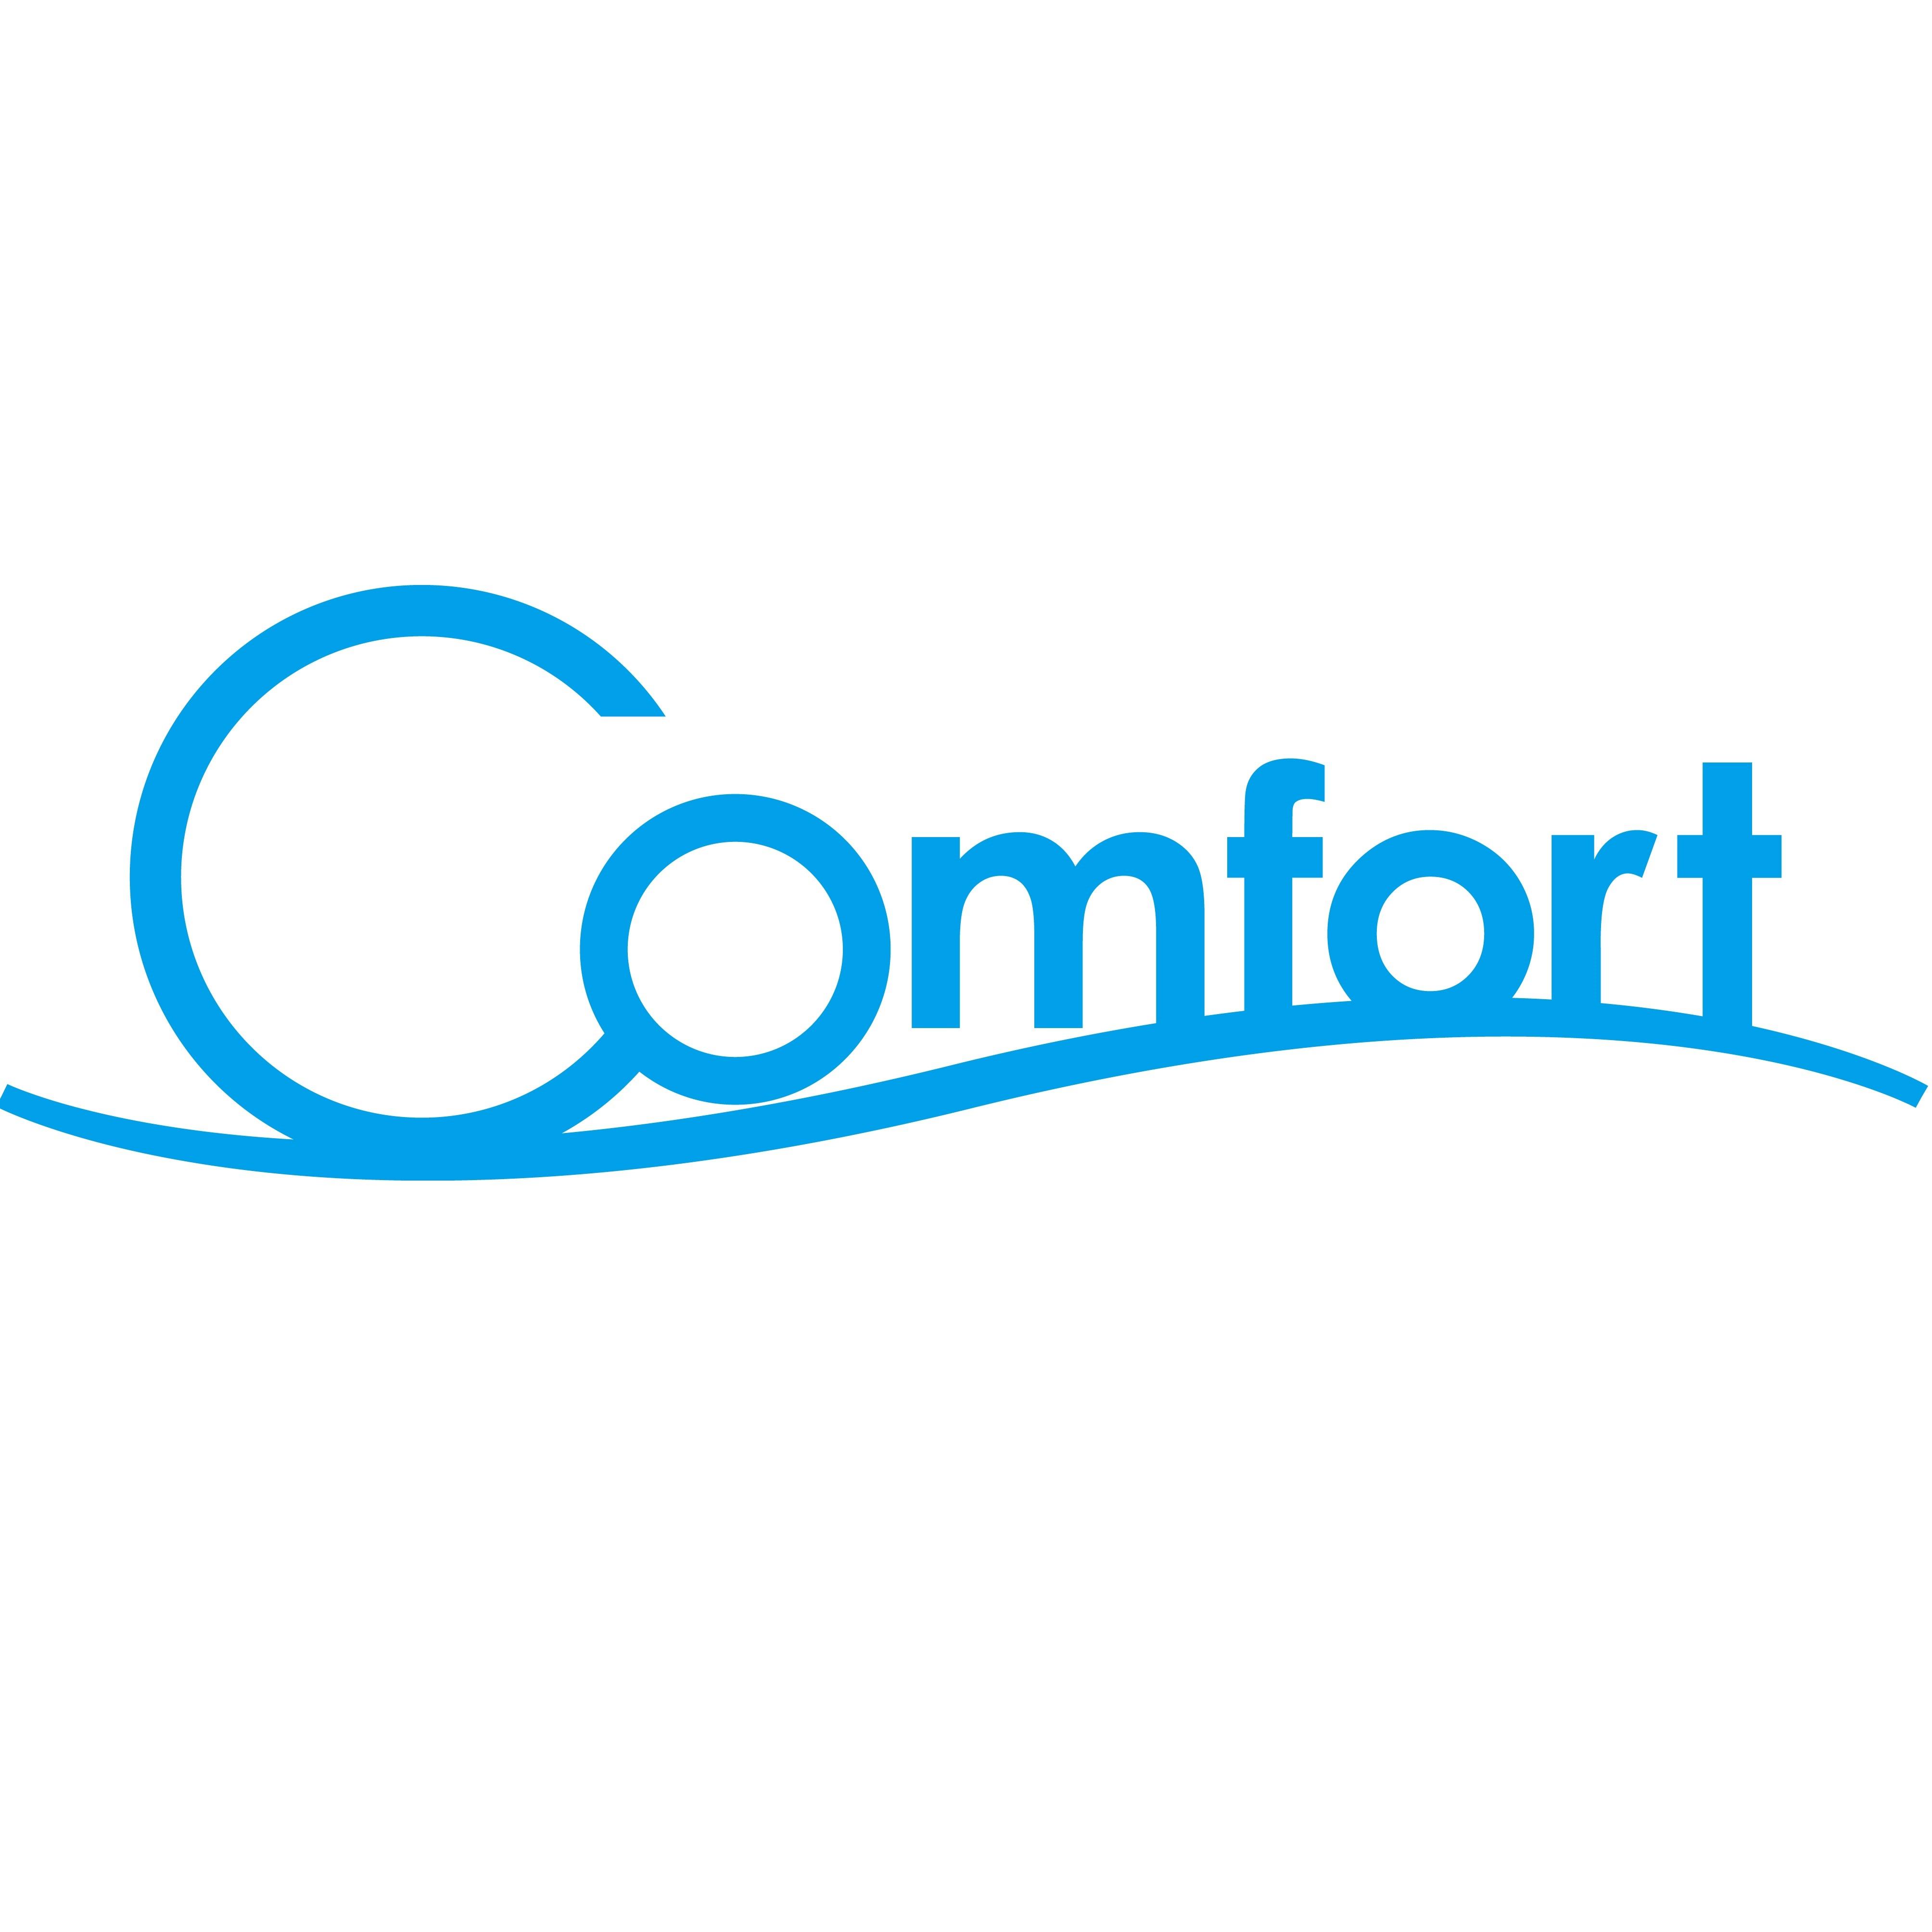 株式会社コンフォルトのイメージ